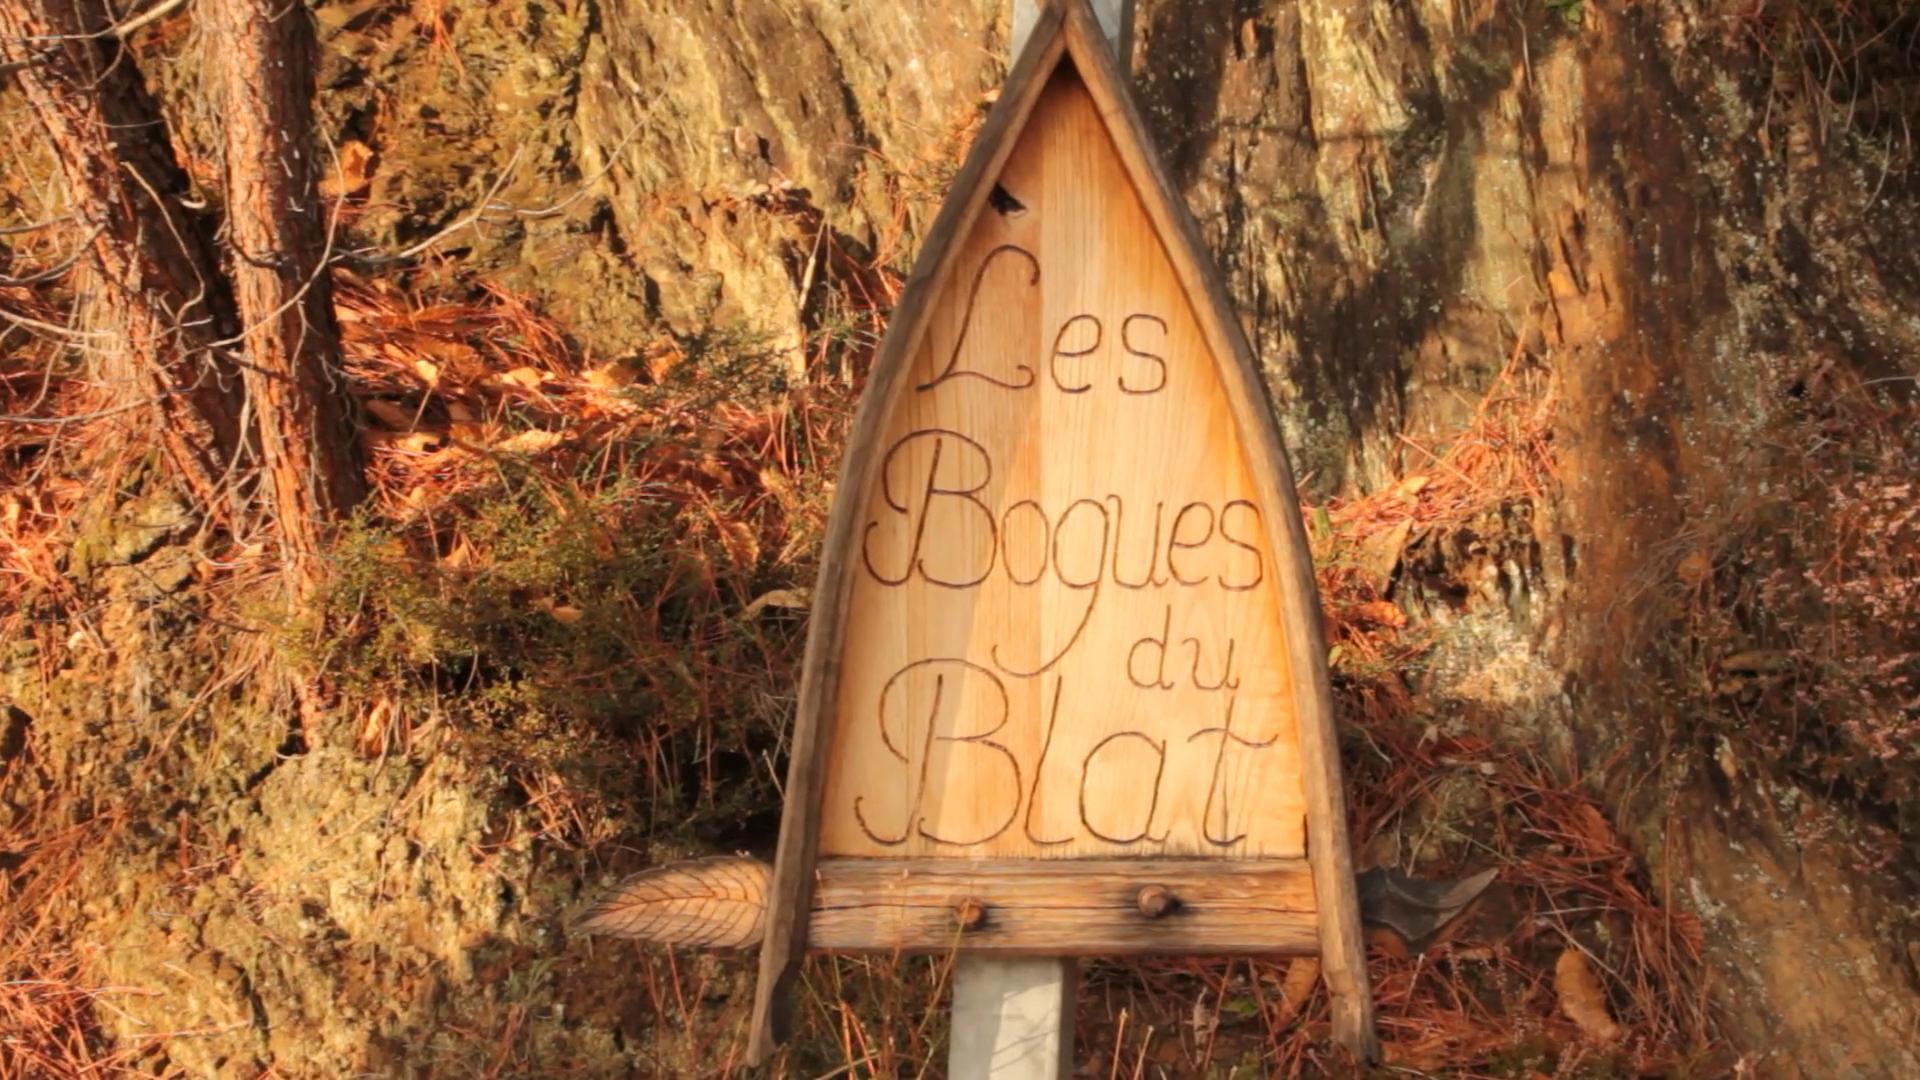 Les bogues du Blat, beaumont, Ardeche